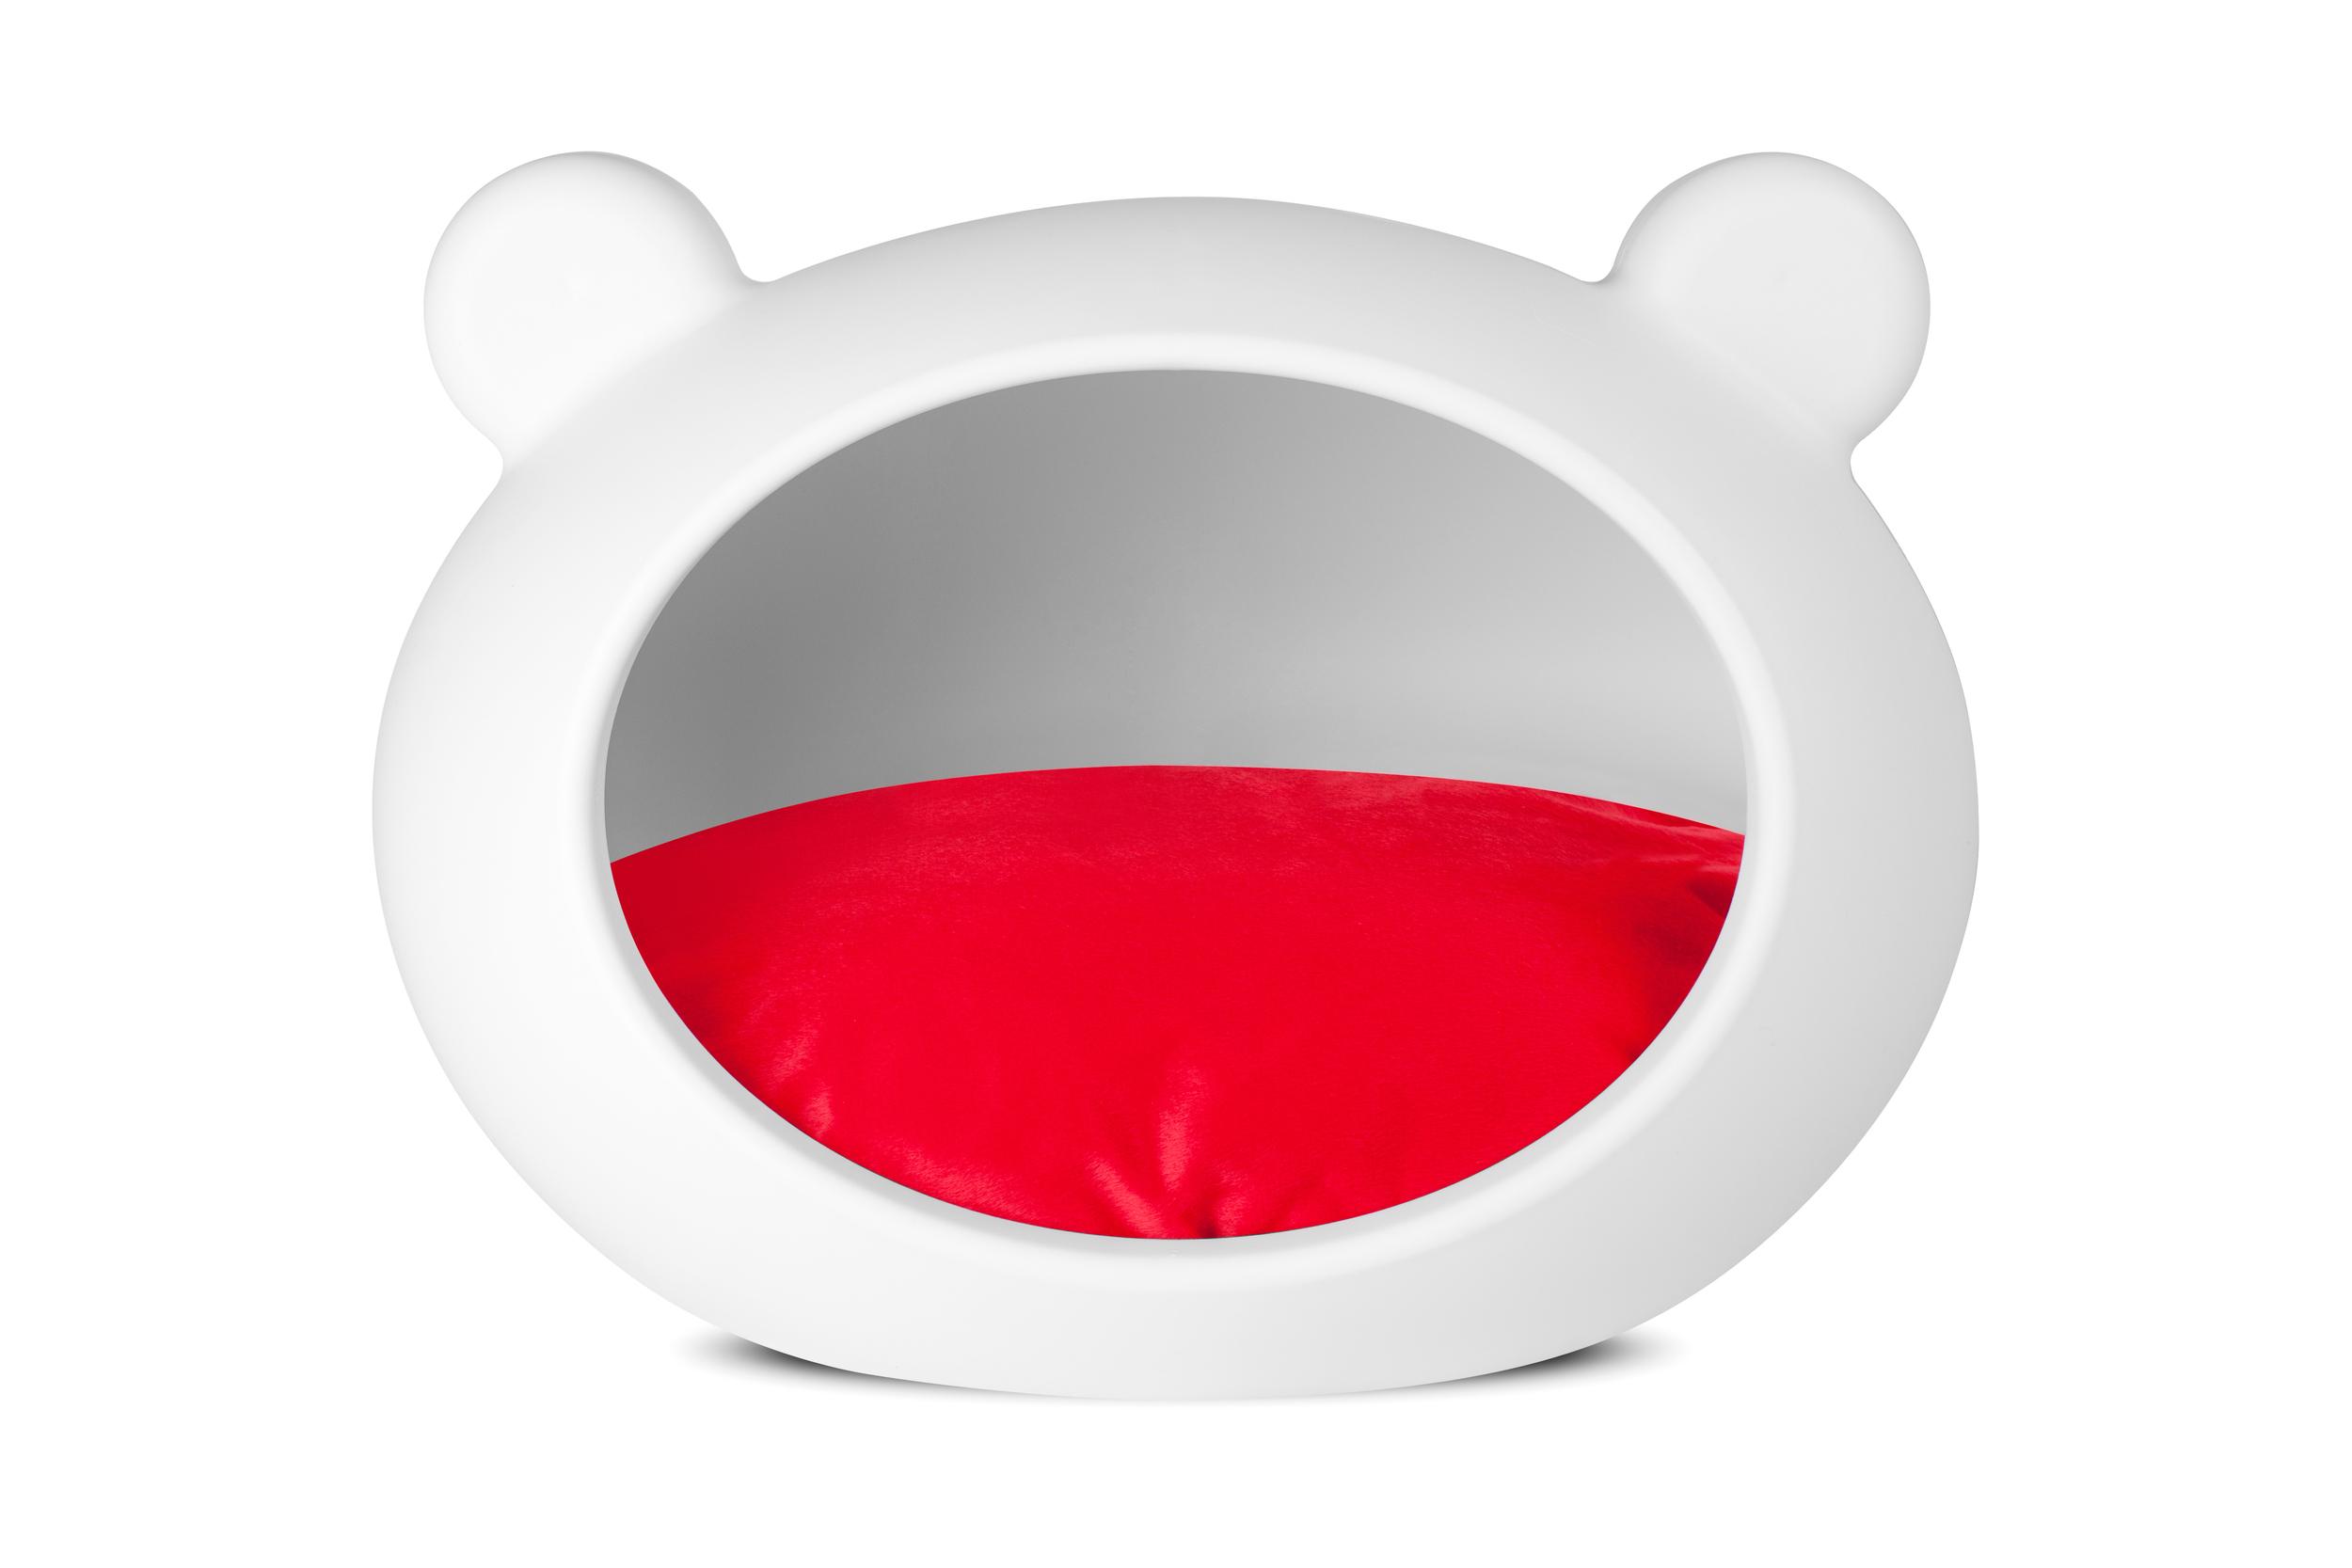 white_dog_bed_guisapet_plastic.jpg